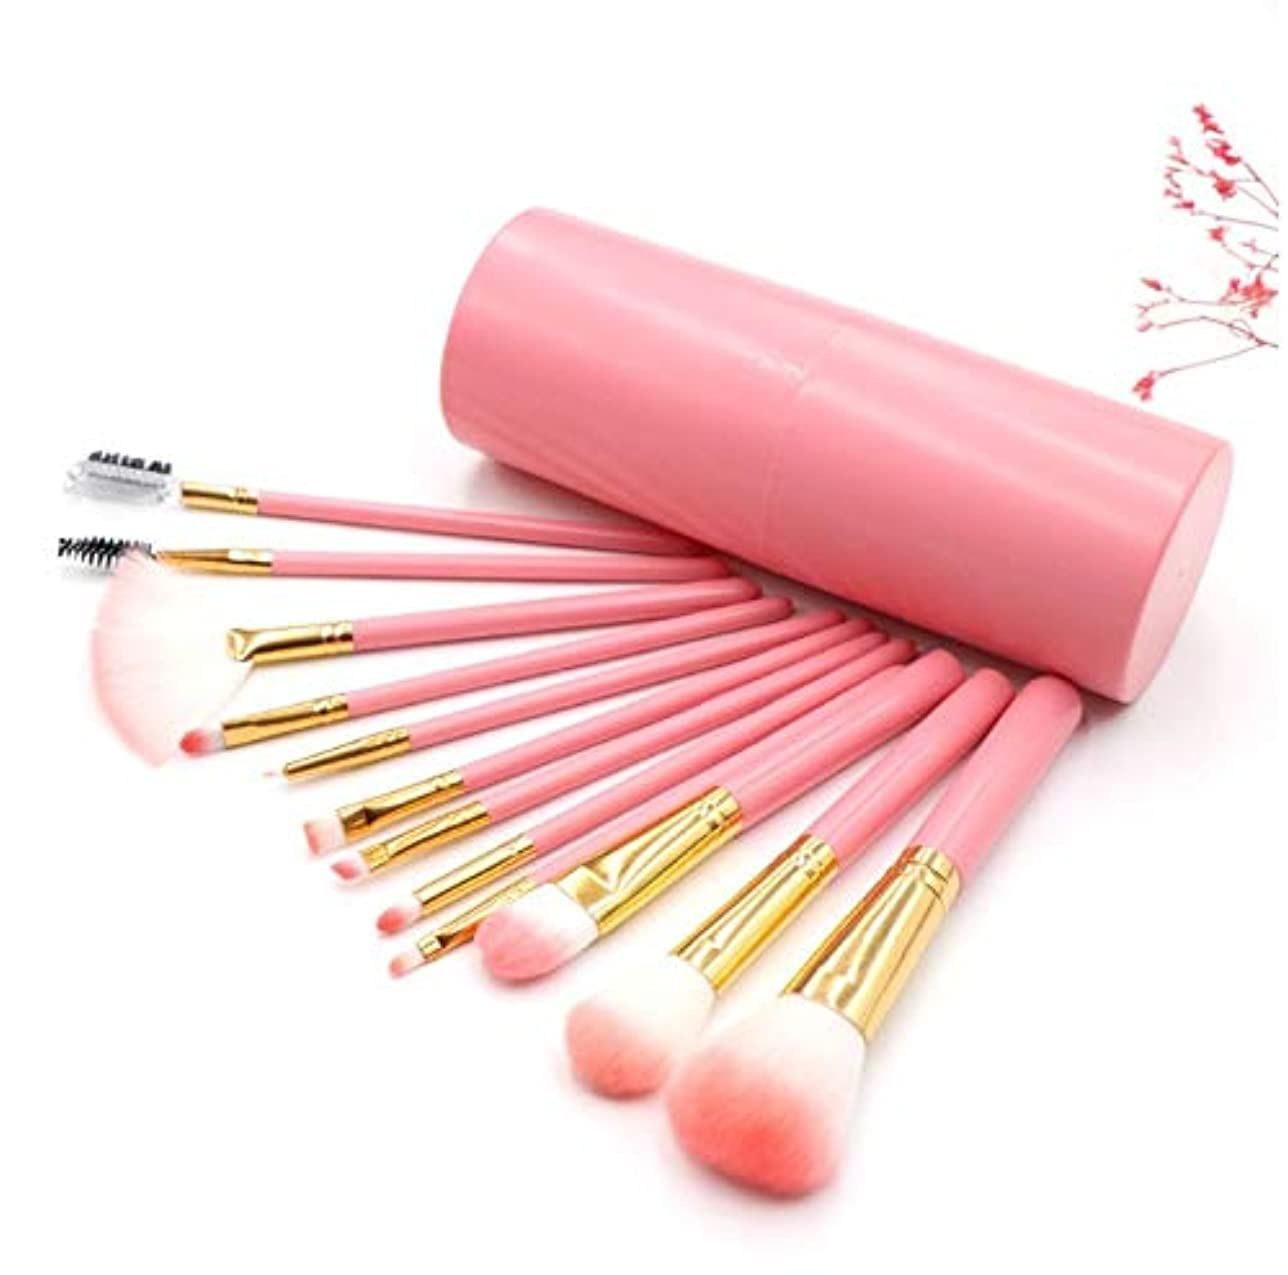 エスニックビリーコントローラ化粧ブラシセット、ピンク12化粧ブラシバケツブラシセットアイシャドウブラシリップブラシ美容化粧道具